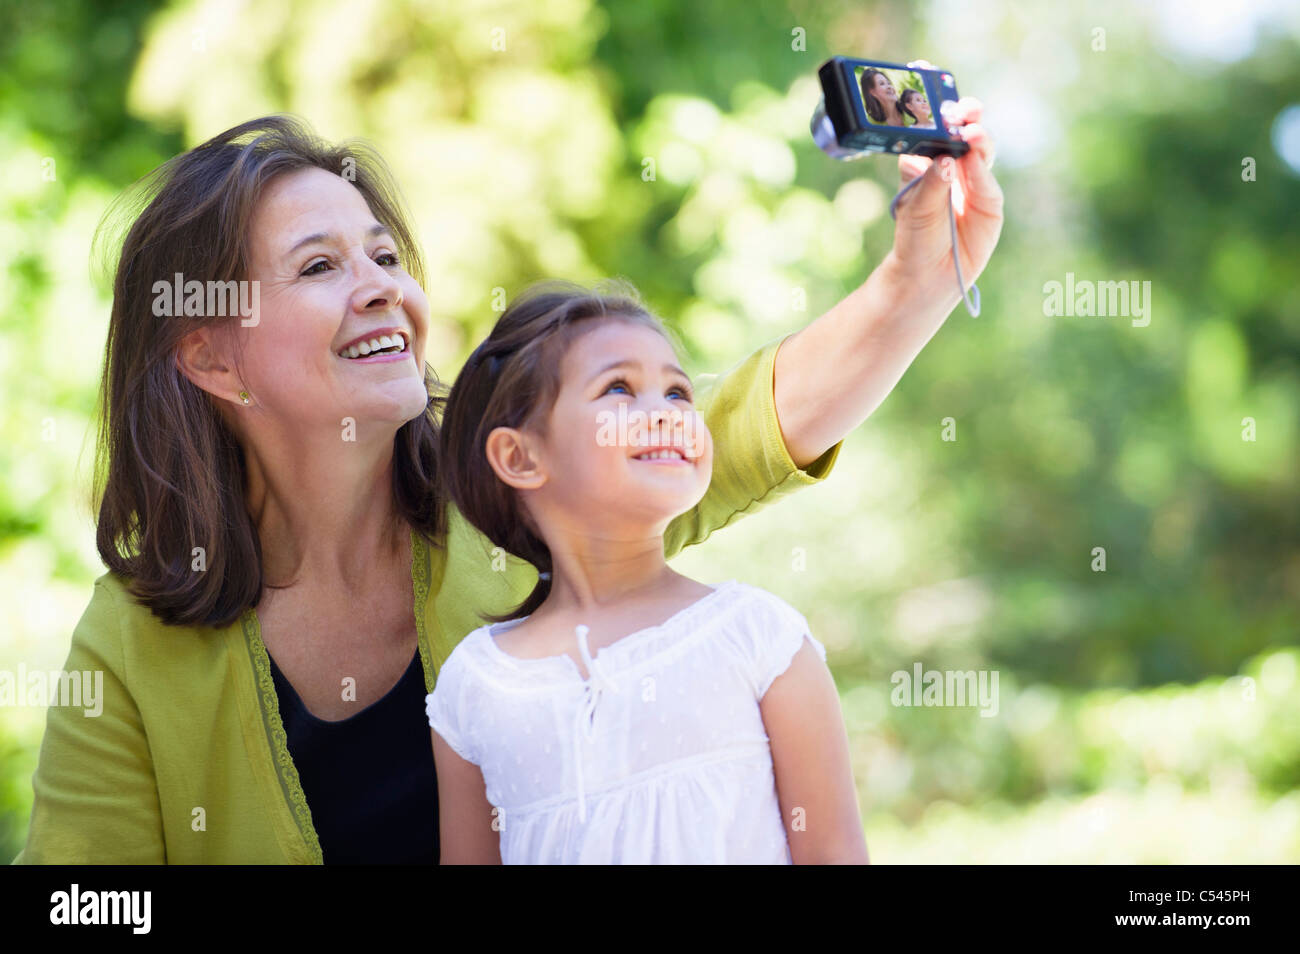 Mujer y su nieta de tomar fotos de sí mismos Imagen De Stock